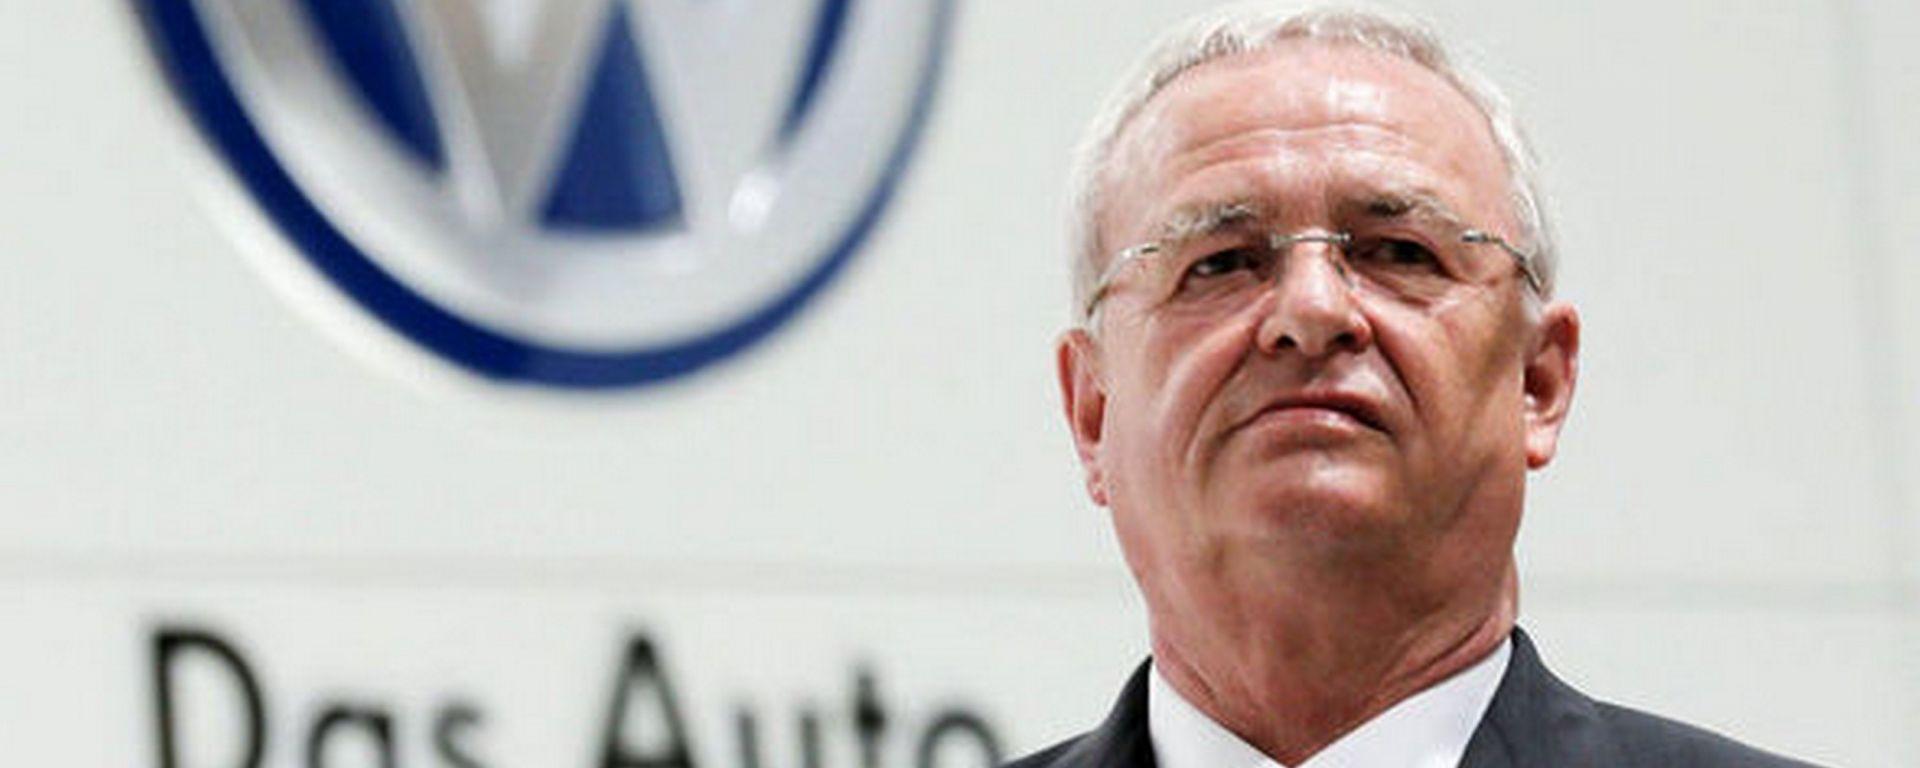 Martin Winterkorn, CEO Volkswagen all'epoca del dieselgate